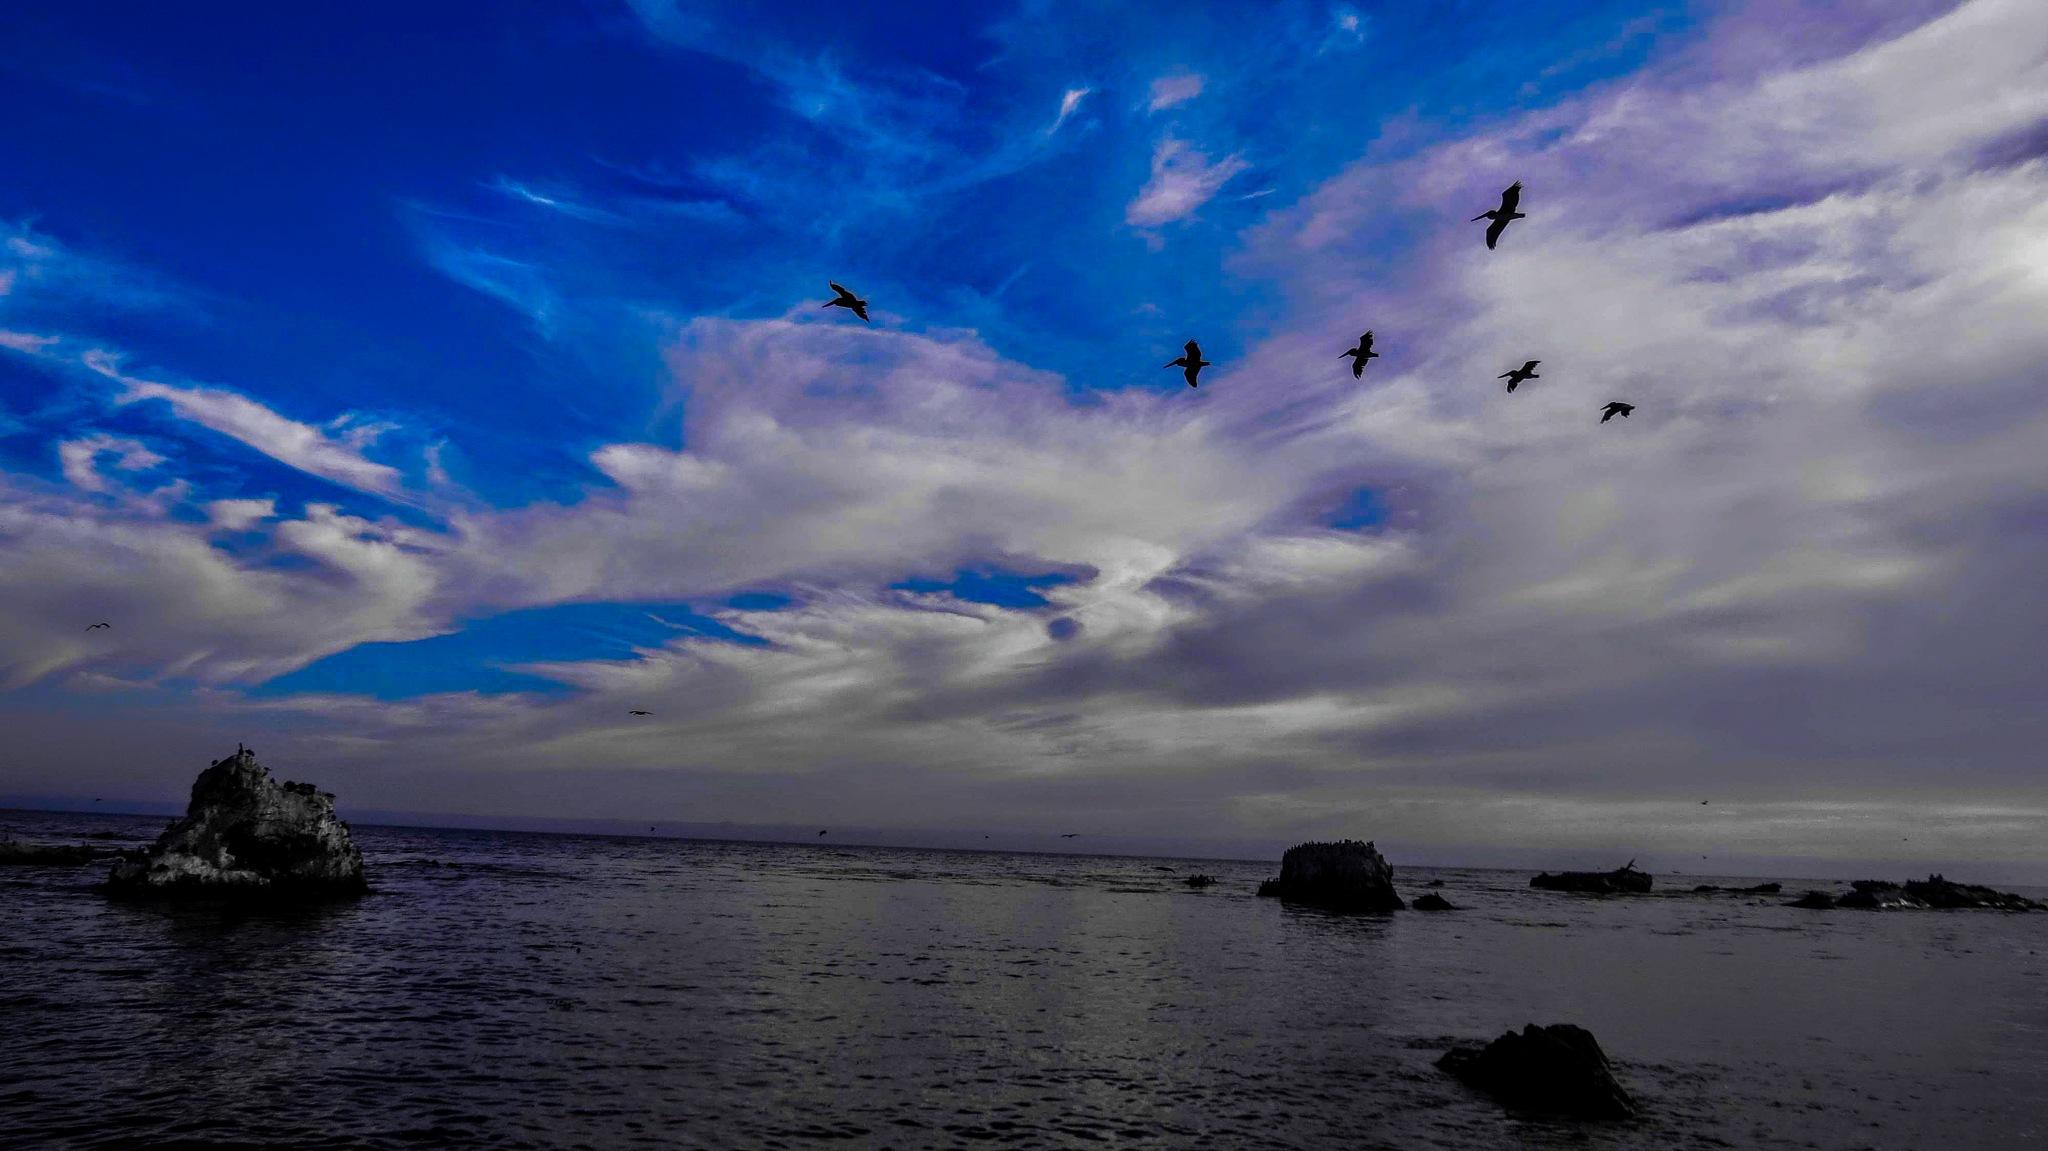 SUNSET BEACH ! by derek.oliver3